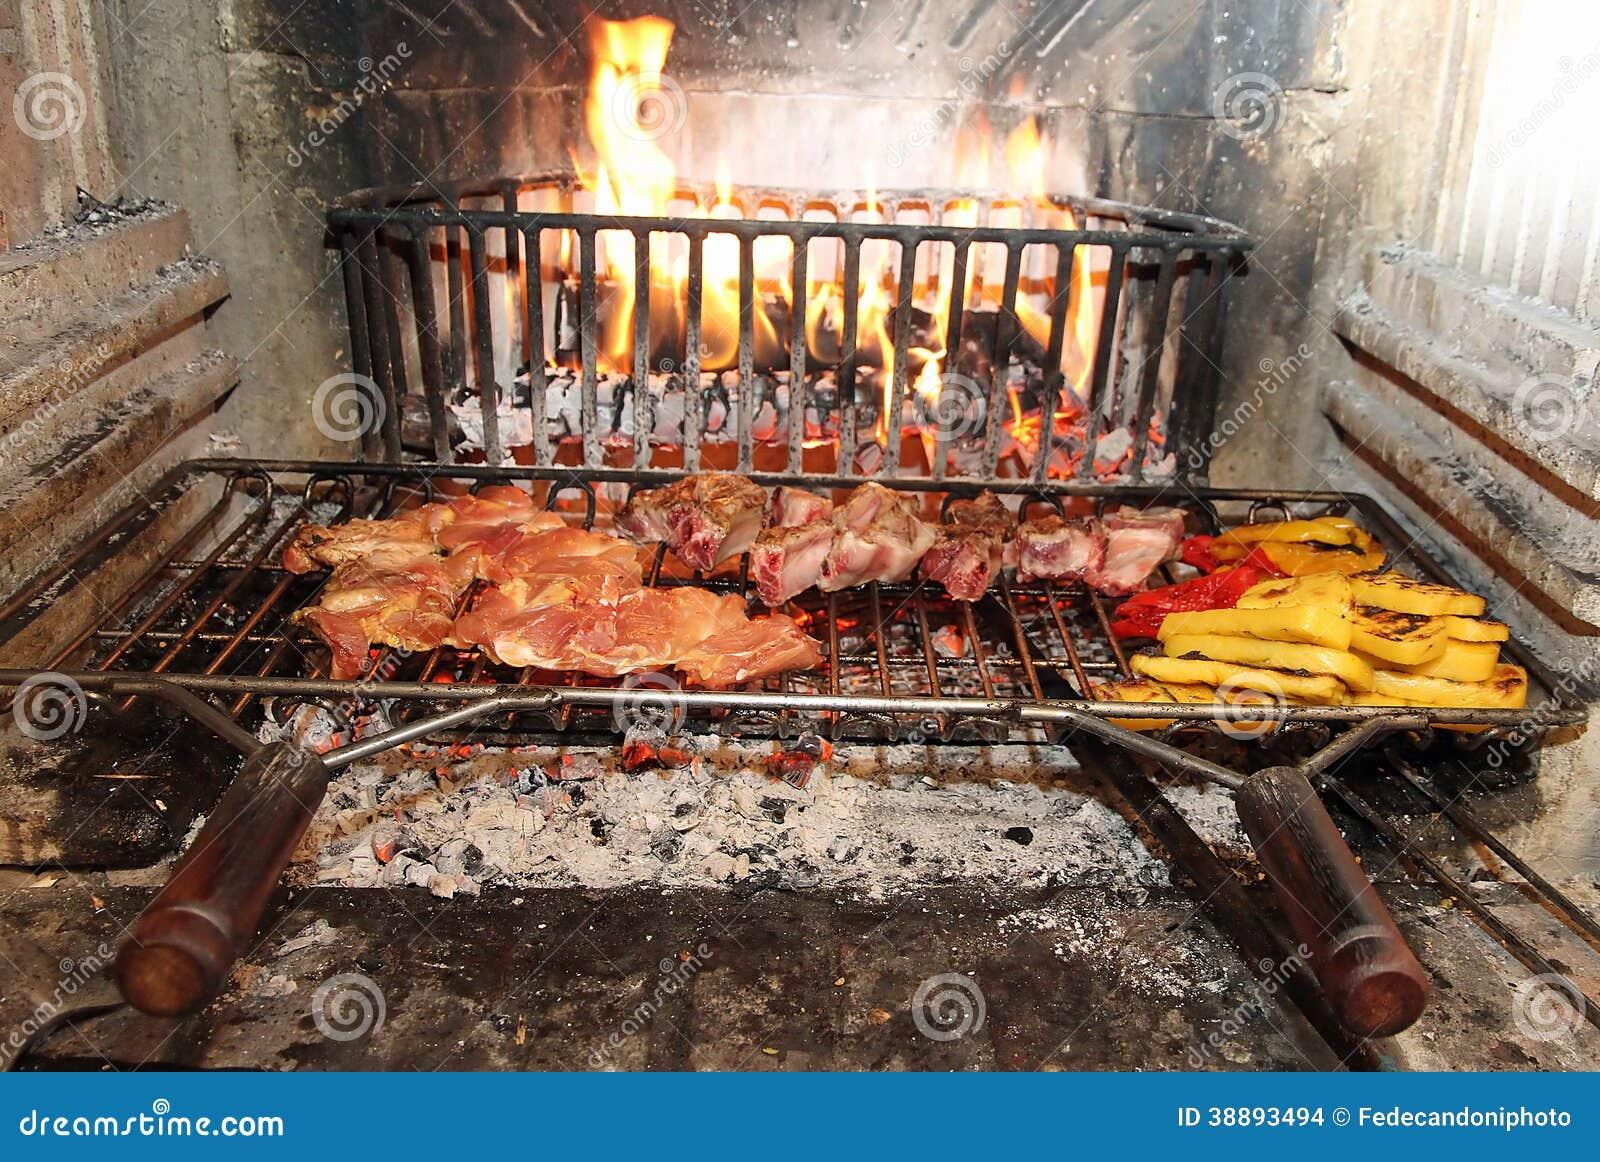 Fuego en la chimenea para cocinar la carne y verduras foto - Cocinar en la chimenea ...